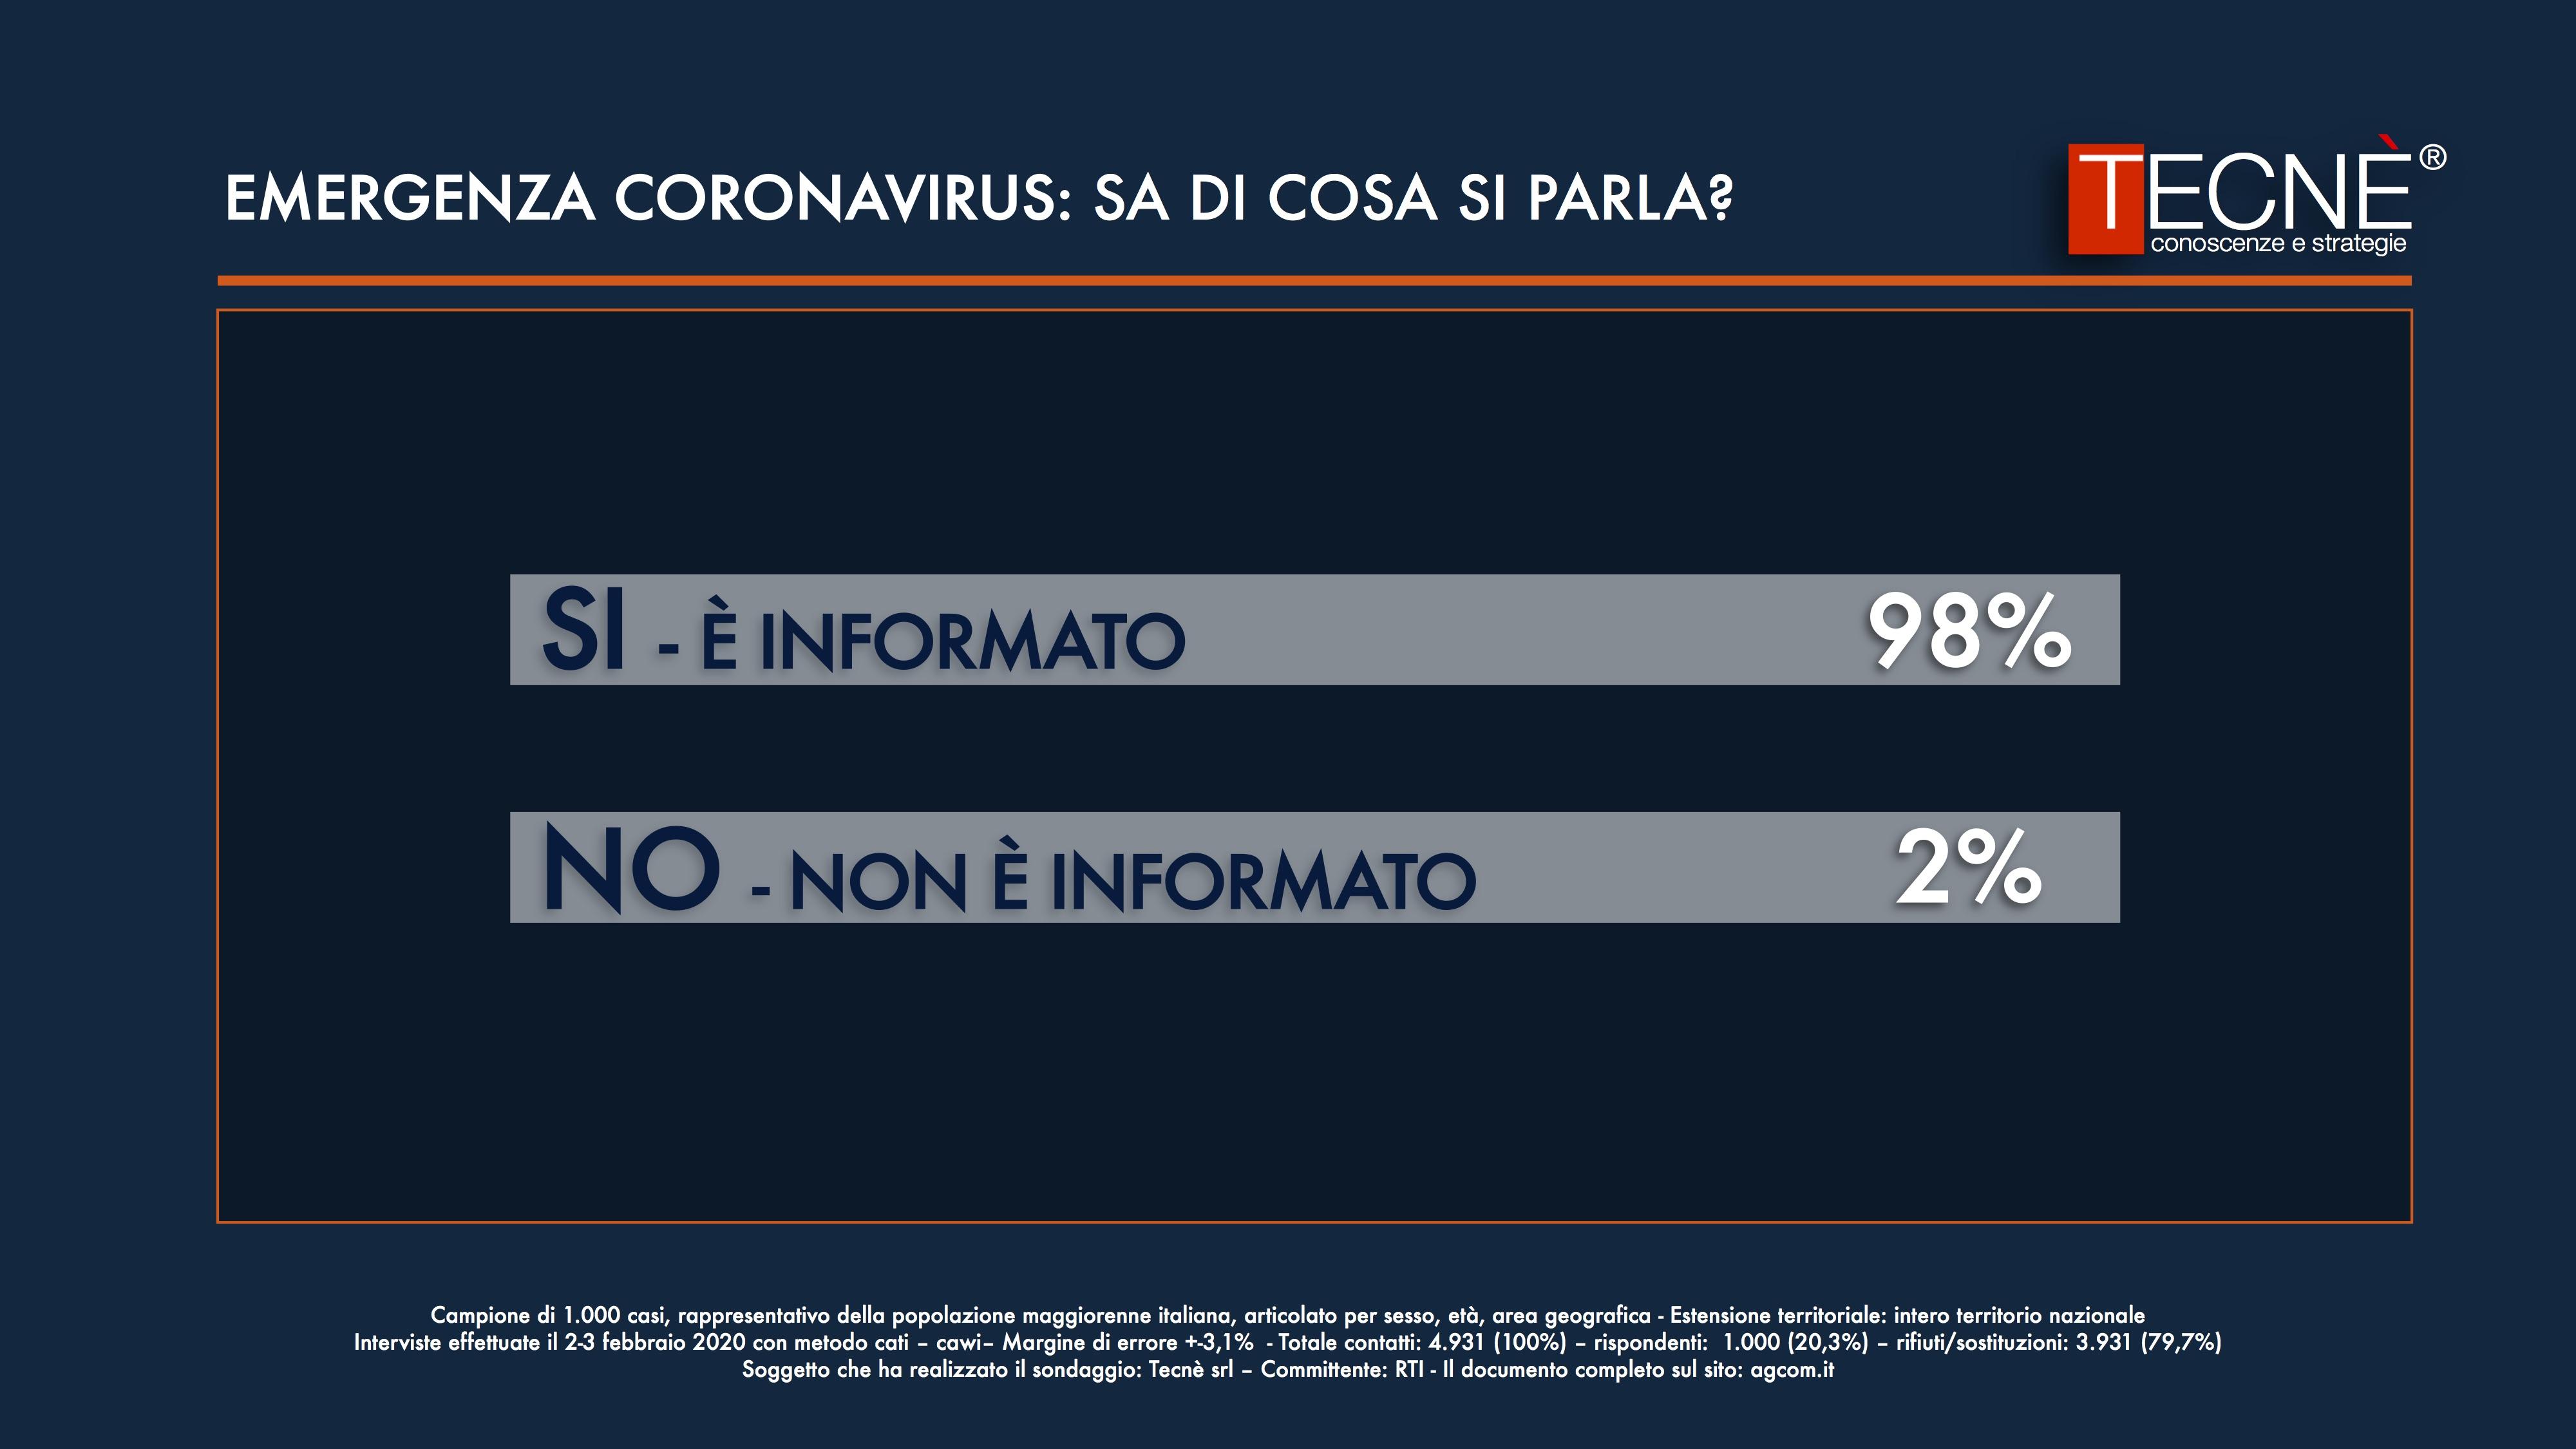 Gli italiani e la paura dell'epidemia di coronavirus